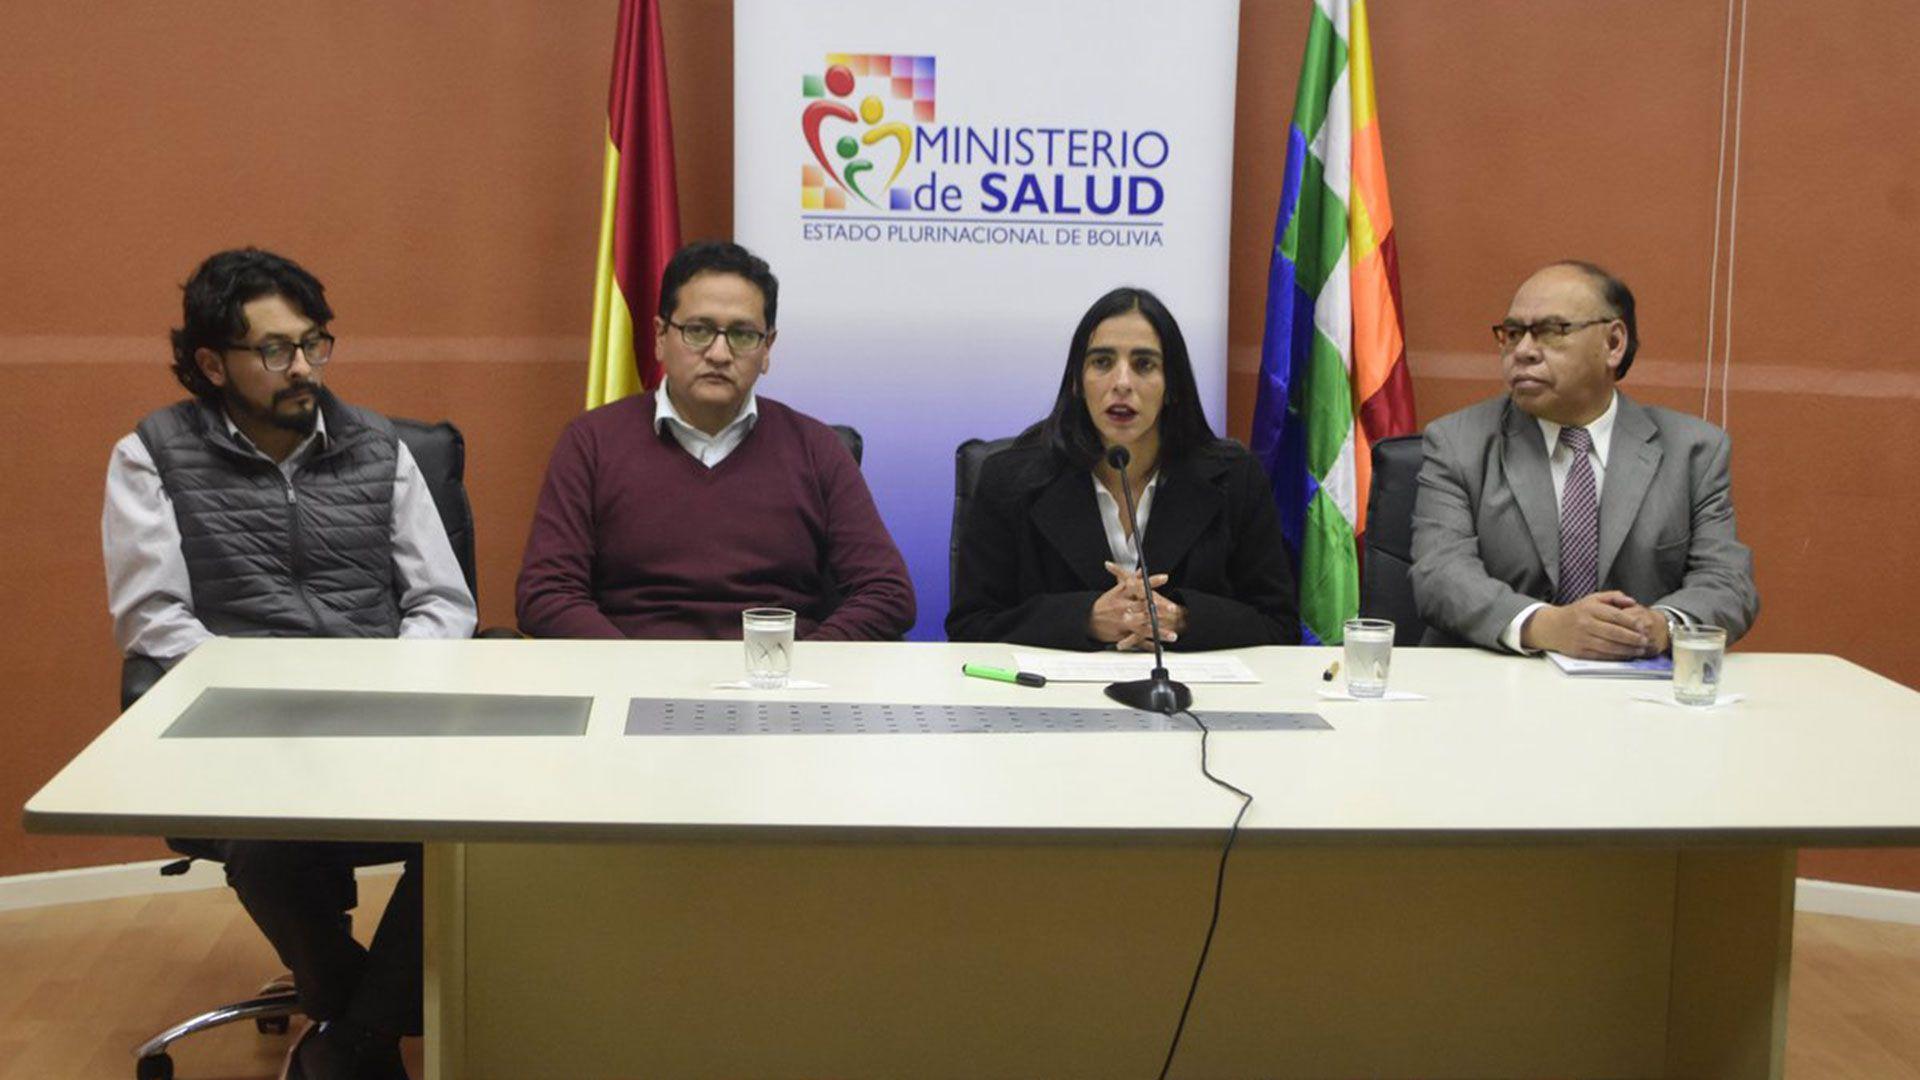 Las autoridades de Salud de Bolivia no declararon el estado de emergencia sanitaria y por eso fueron criticados. Recibieron la visita de expertos infectólogos del CDC de Estados Unidos y de Brasil para estudiar en detalle lo sucedido